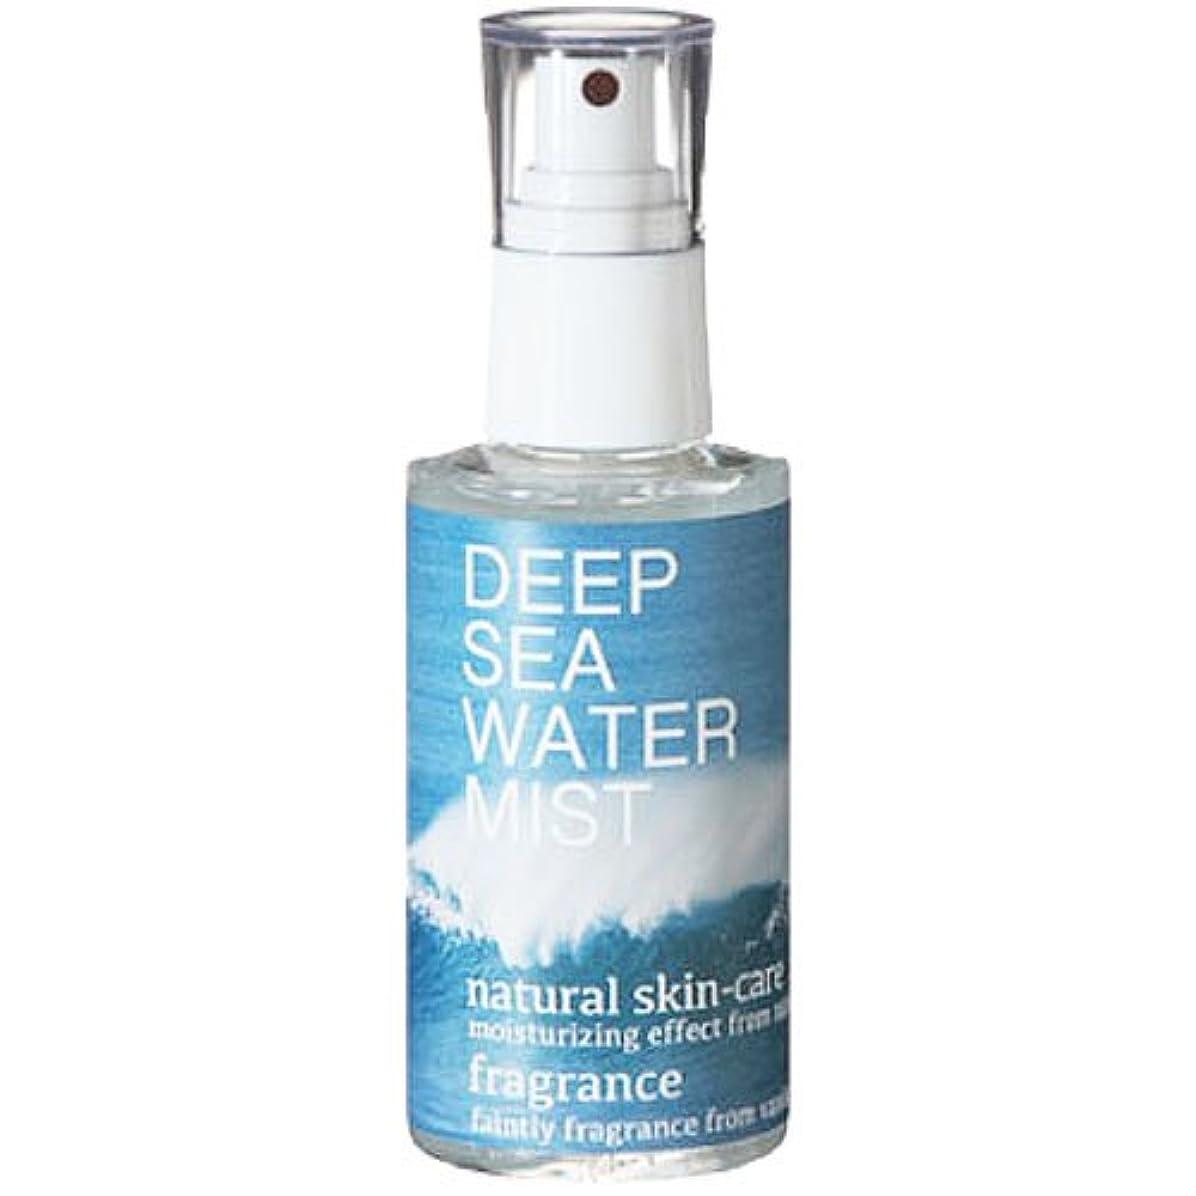 豊富スチュワード薄汚いメディワン  ナチュラルミスト  DEEP SEA WATER MIST(ディープシーウォーターミスト)  120ml